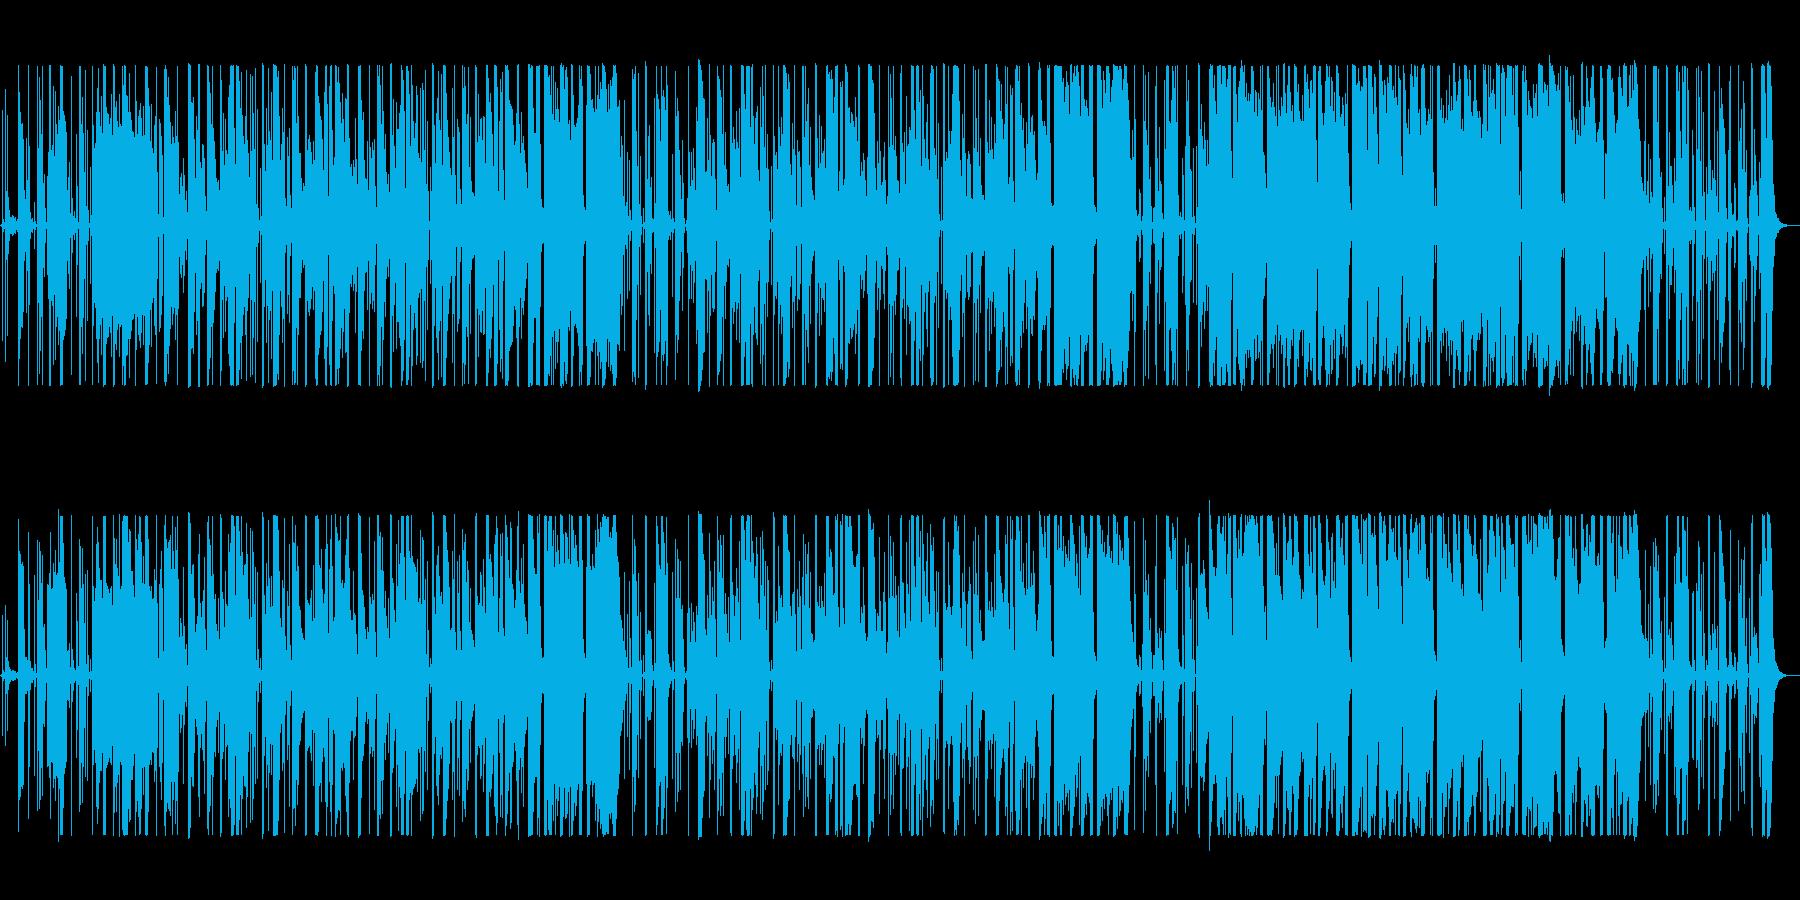 わくわくした雰囲気のジャズの再生済みの波形